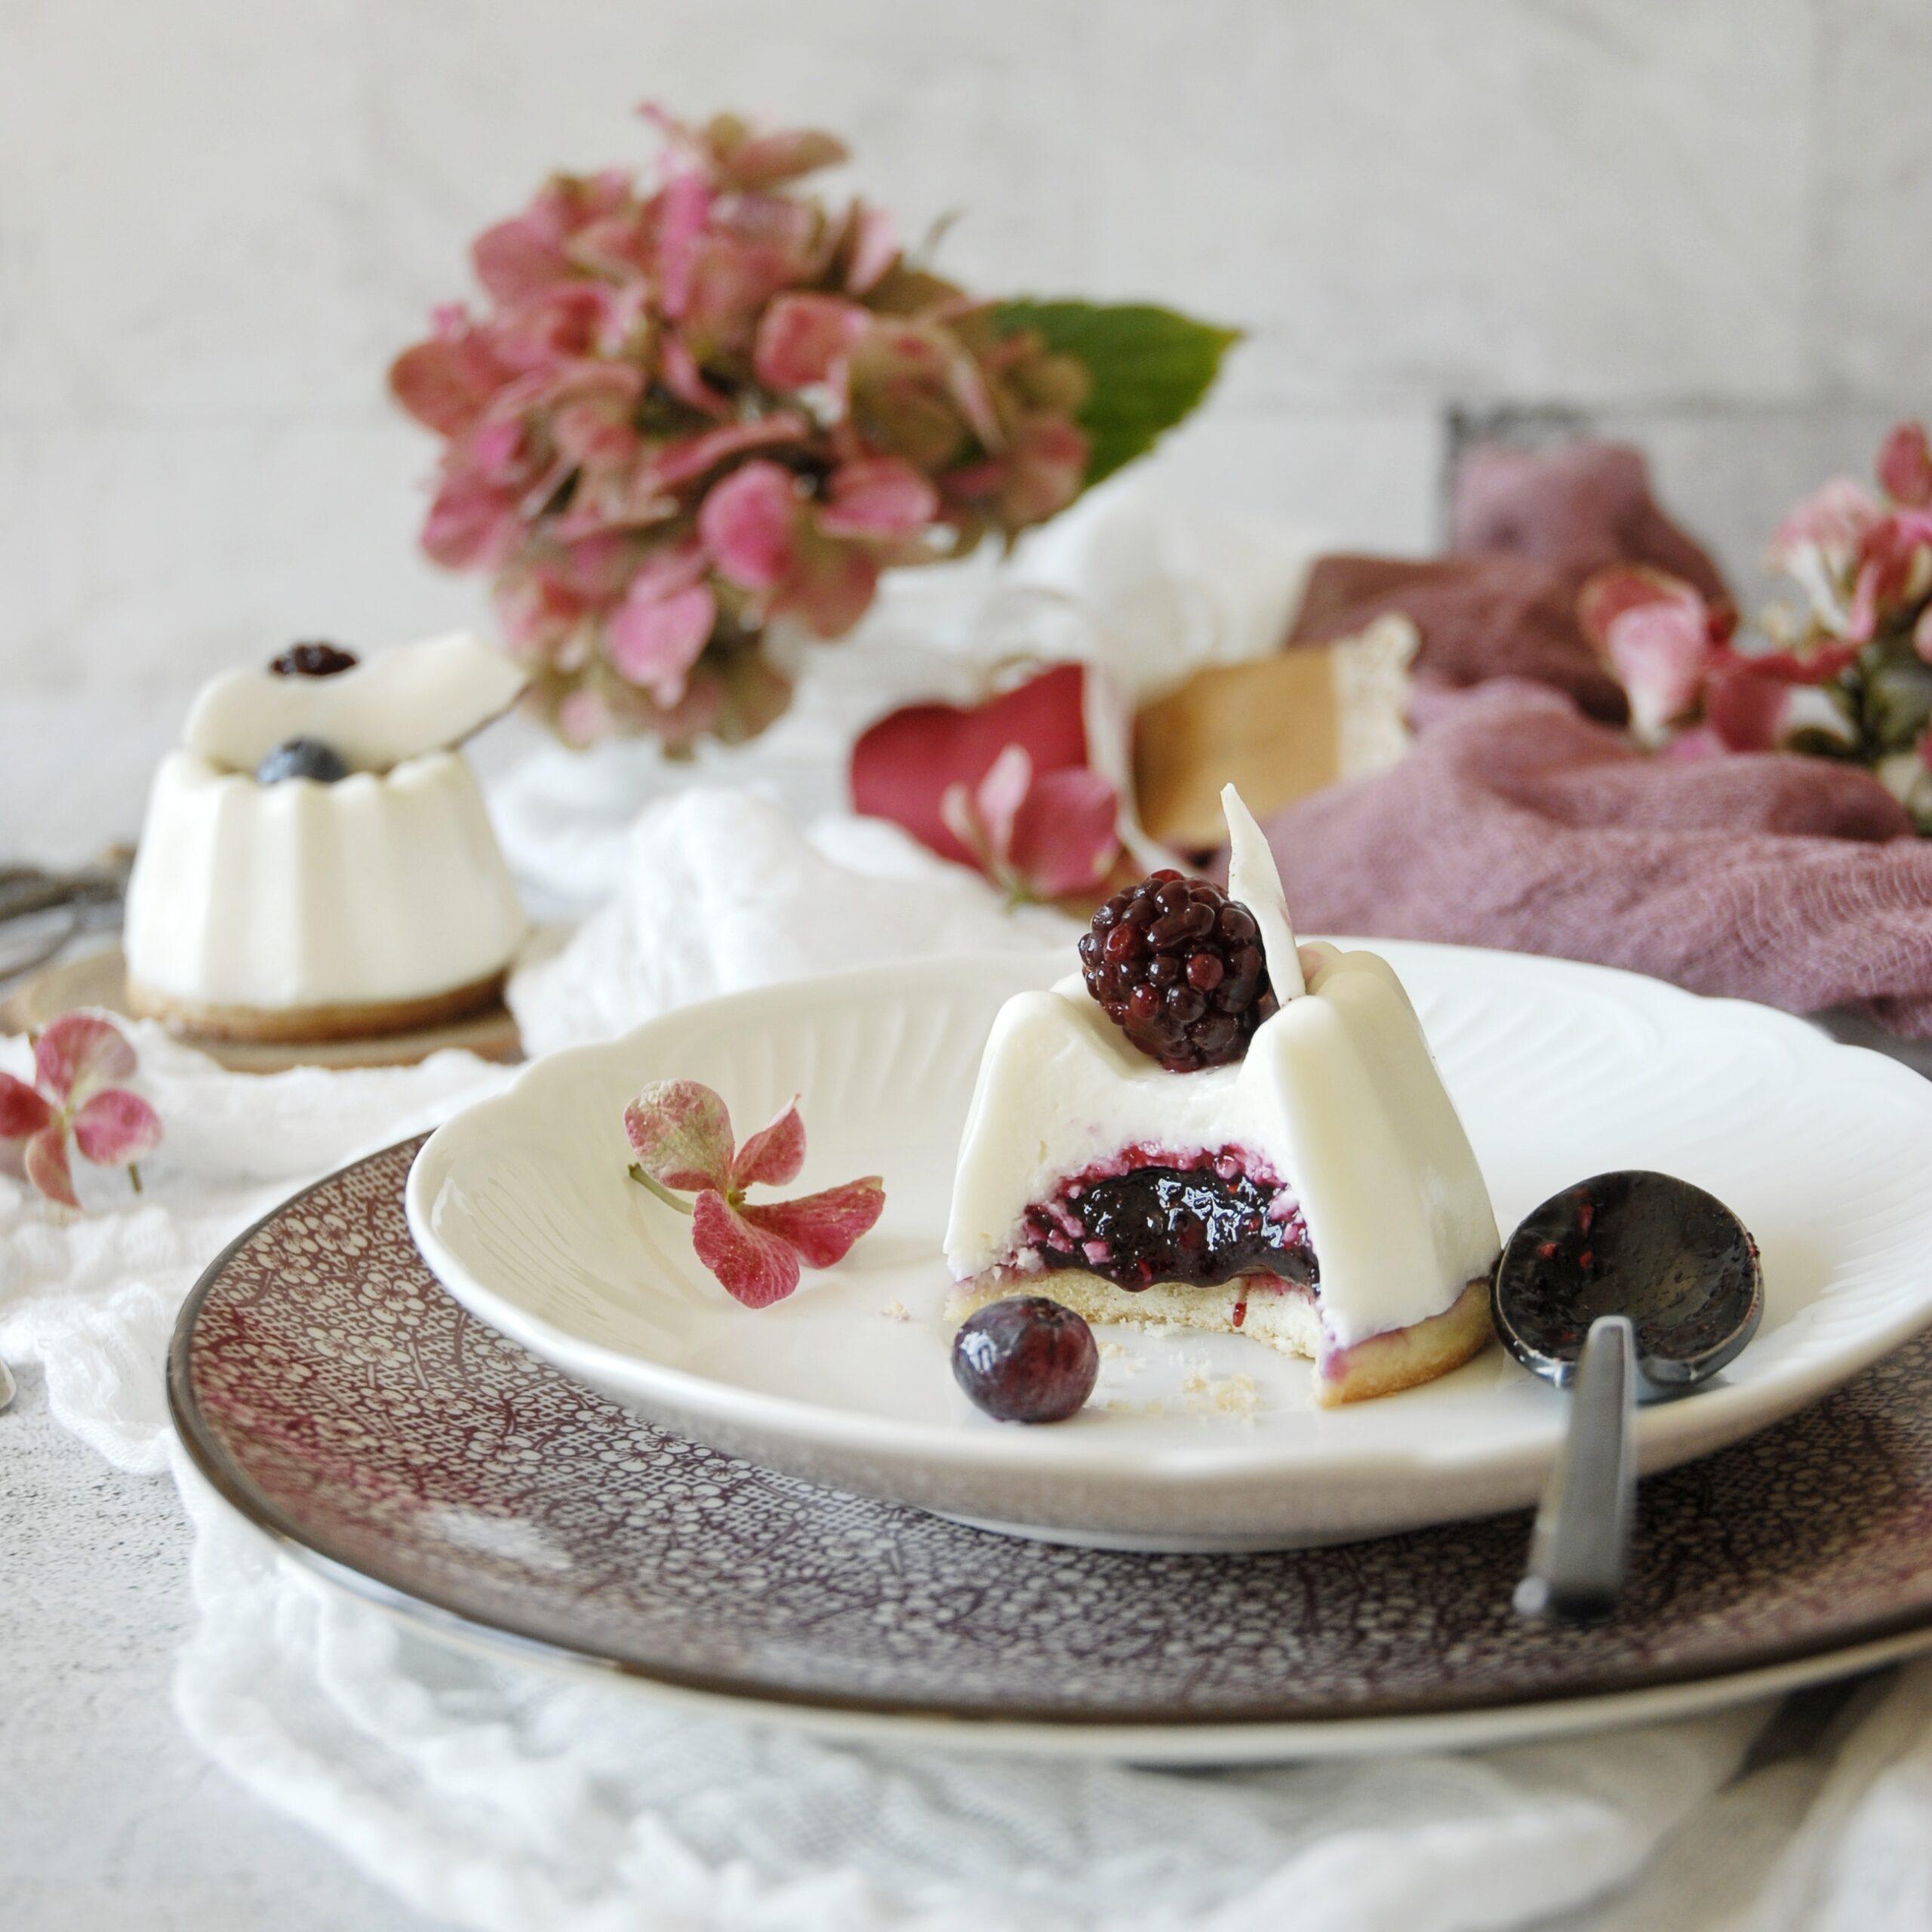 Panna cotta alla crema di cocco e frutti di bosco